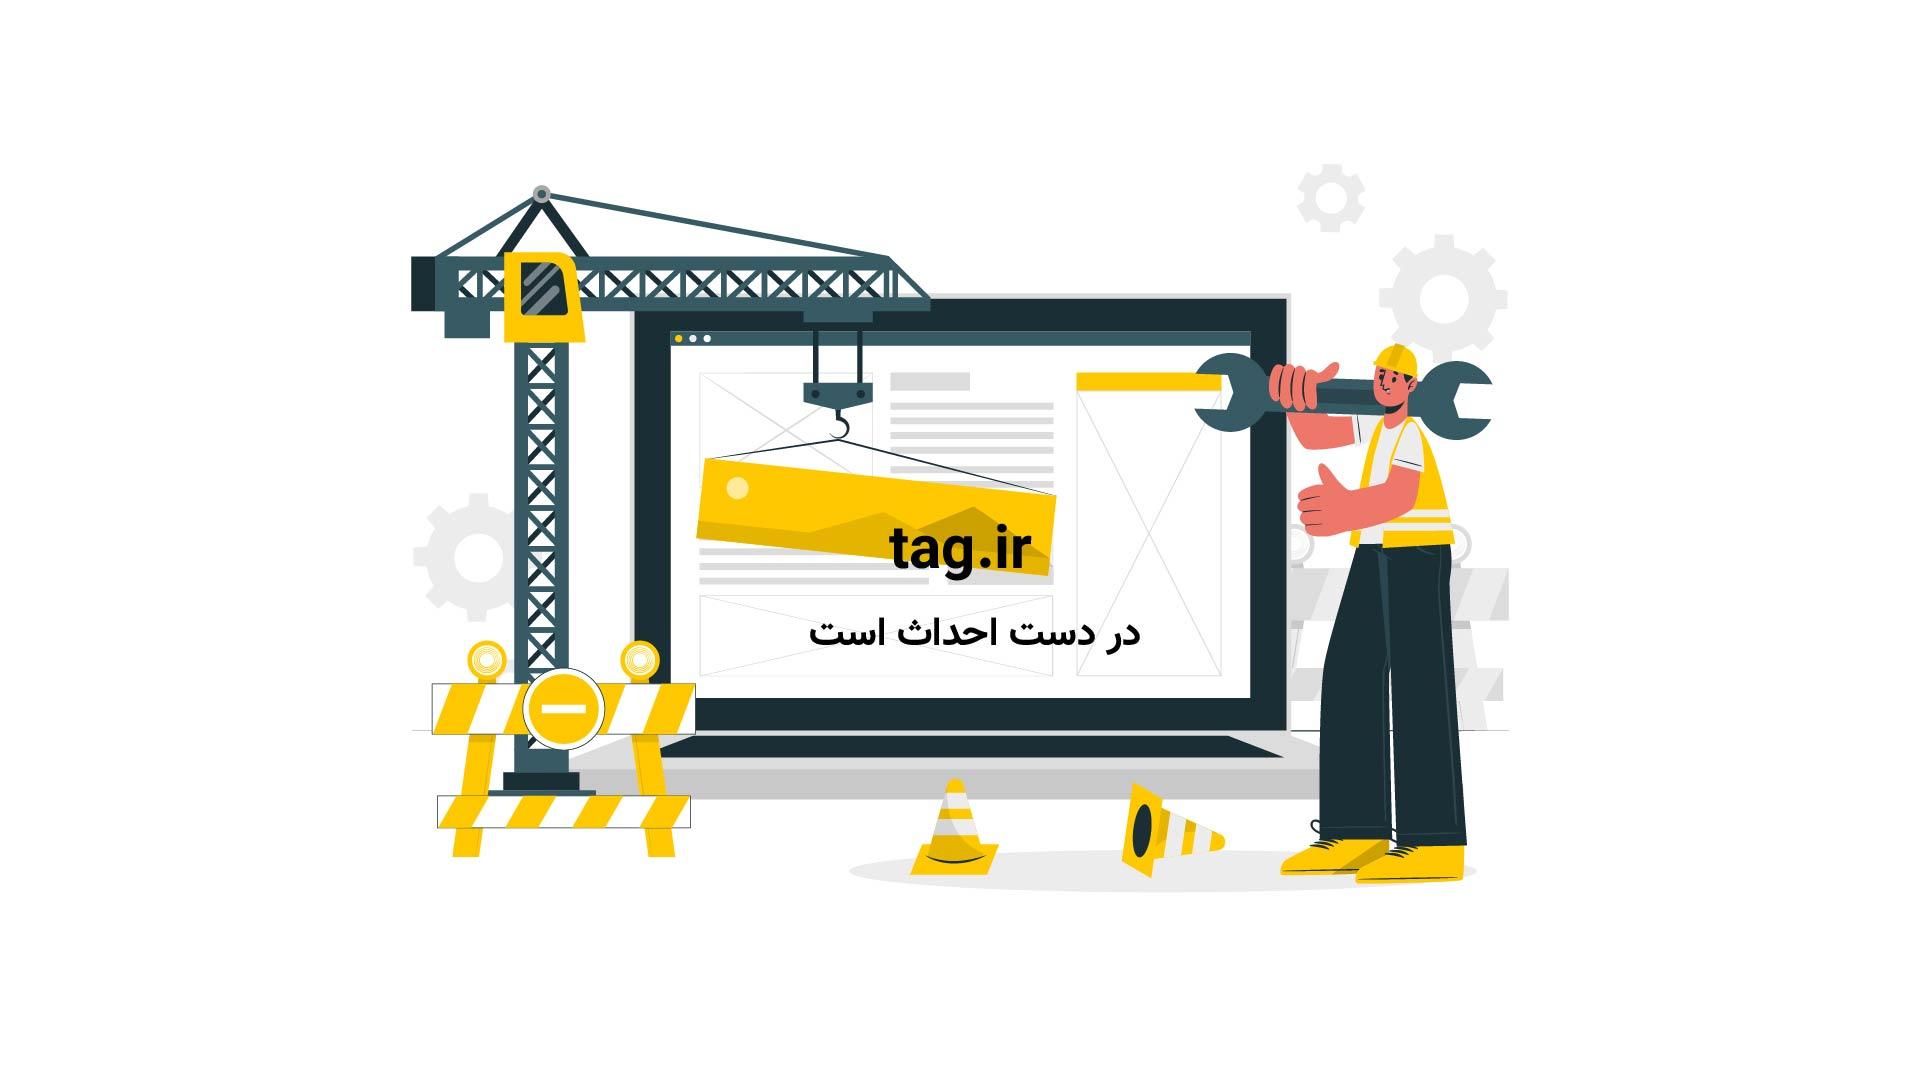 باران | تگ